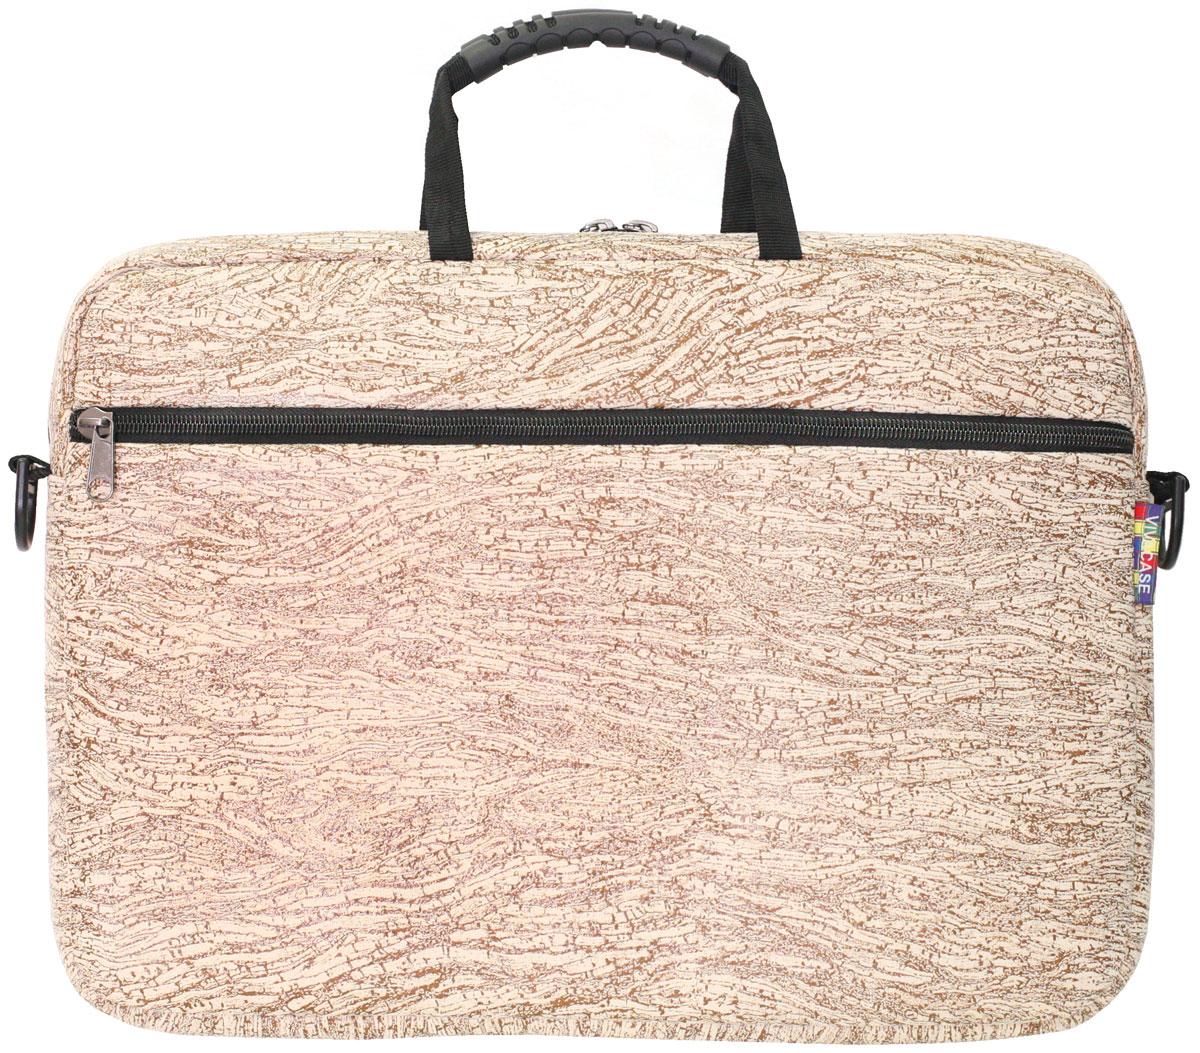 Vivacase Birch, Brown сумка для ноутбука 15,6VCN-CBR15-brСумка для ноутбуков диагональю 15.6 дюймов стильная и эргономичная. Стильный дизайн неизбежно привлечет внимание и поможет ее владельцу выделиться из толпы.Сумка для ноутбука сшита из микровелюровой мебельной ткани устойчивой к загрязнениям и истиранию. Не стоить бояться, что изделие быстро потеряет товарный вид. При изготовлении аксессуаров Vivacase используются только качественные материалы от проверенных поставщиков. Сумке не страшны ни грязь, ни осадки благодаря специальной водо - и грязеотталкивающей пропитке. Ее достаточно протереть влажной тряпочкой, чтобы избавиться от пятен.Основа сумки - специальный пористый противоударный материал двойного сложения, который отлично защищает ноутбук от тряски в дороге и механических повреждений. При этом сумка очень легкая и компактная. С ней удобно путешествовать. К сумке прилагается широкий наплечный ремень. Во вместительном внешнем кармане на молнии могут поместить документы формата А4 и другие аксессуары.